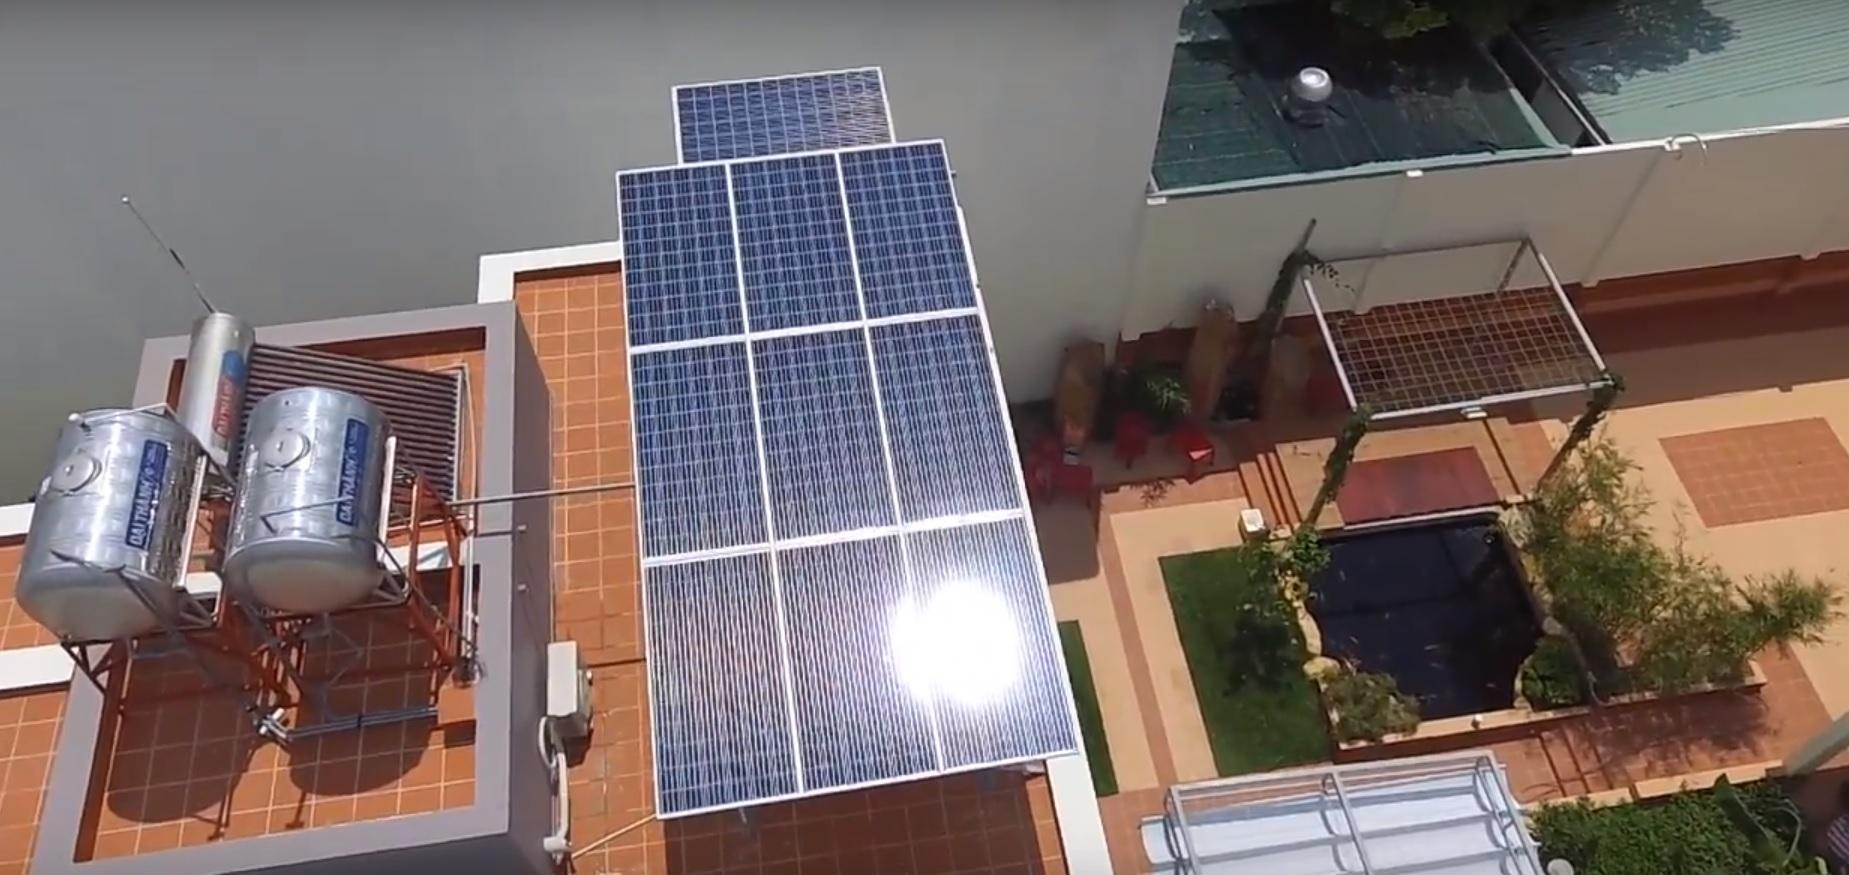 Hệ thống điện năng lượng mặt trời hòa lưới 3KW. Liên hệ nhà bán hàng để được tư vấn